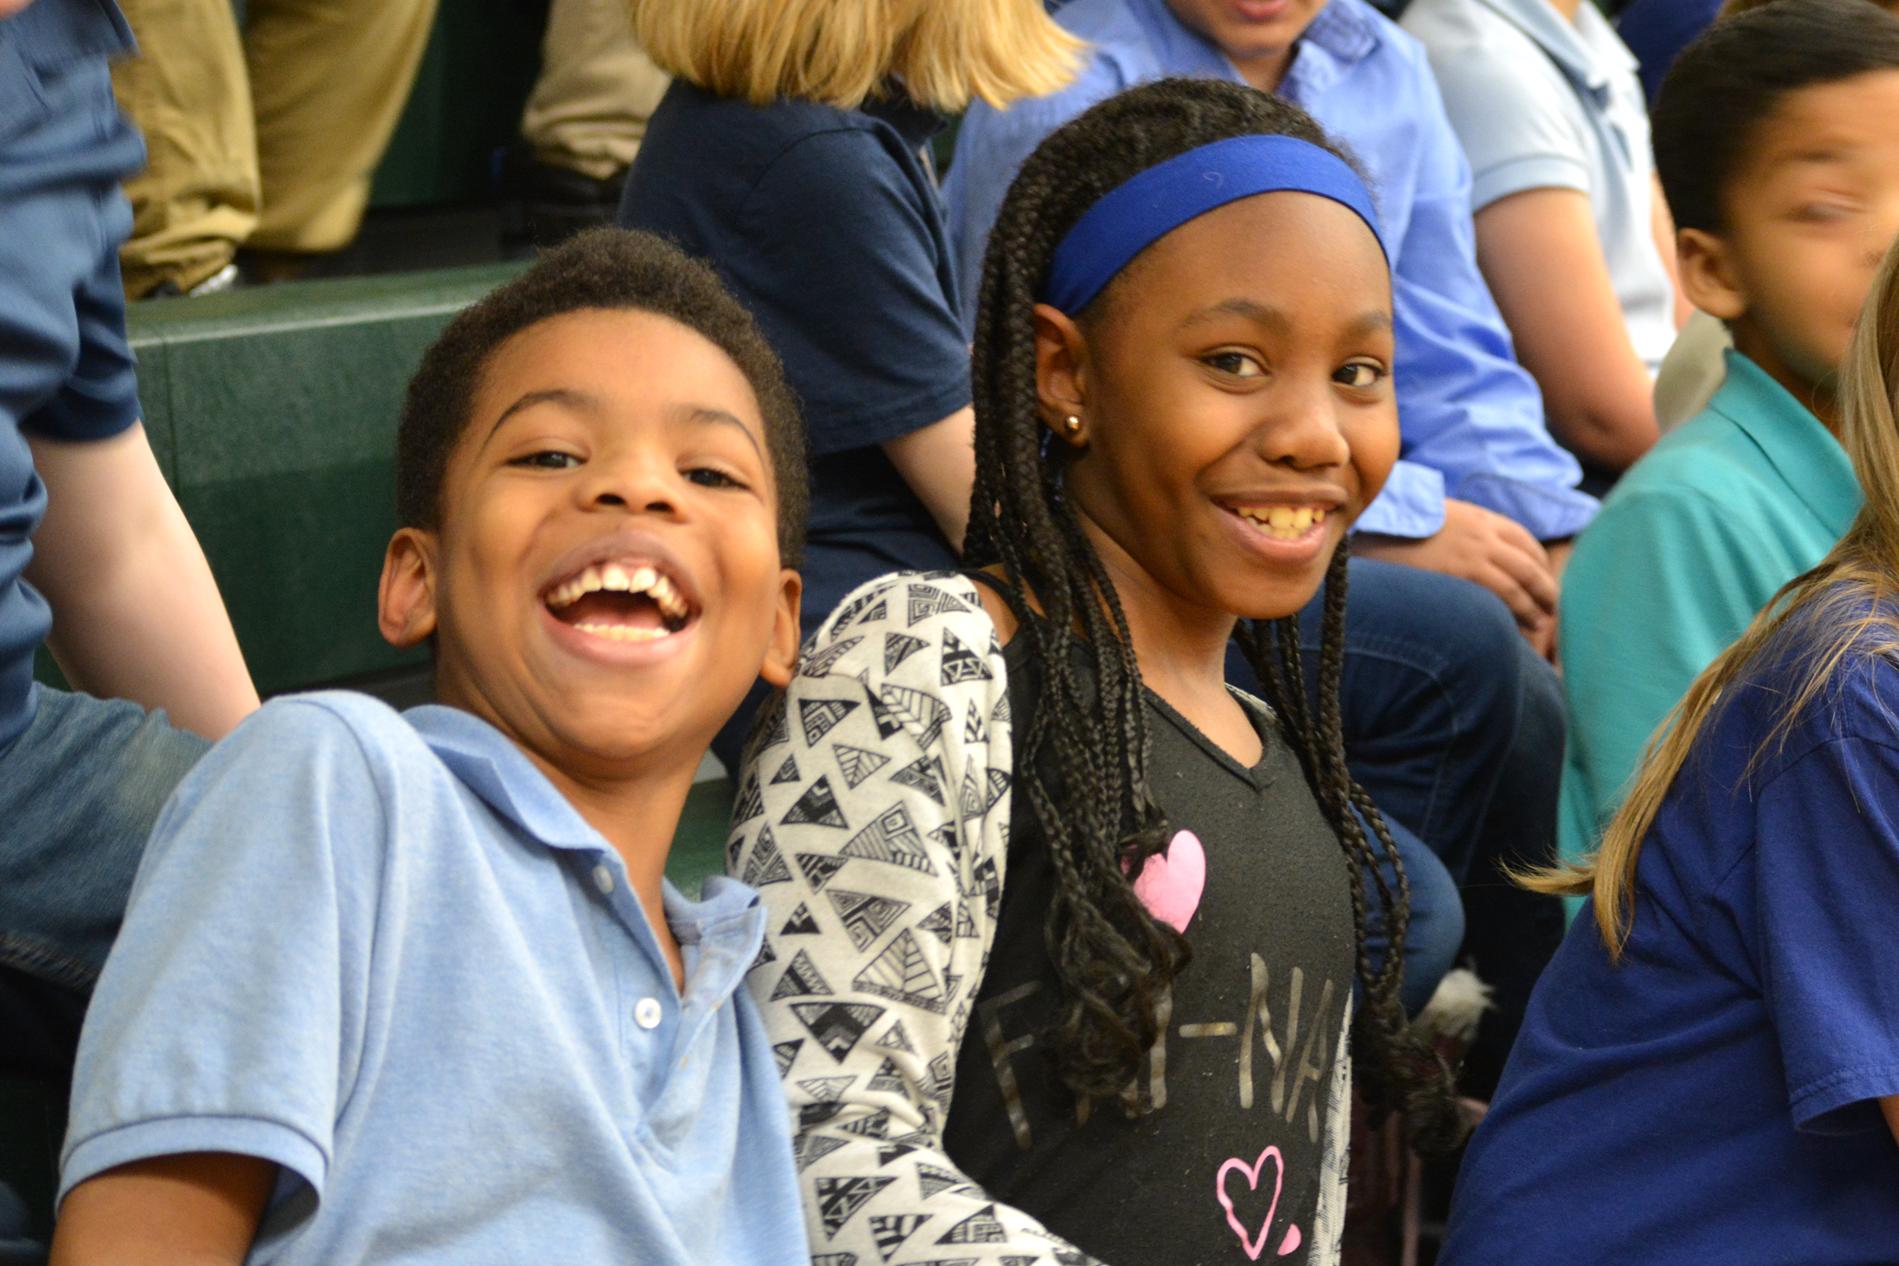 Cheering at Staff v. Students Basketball Game